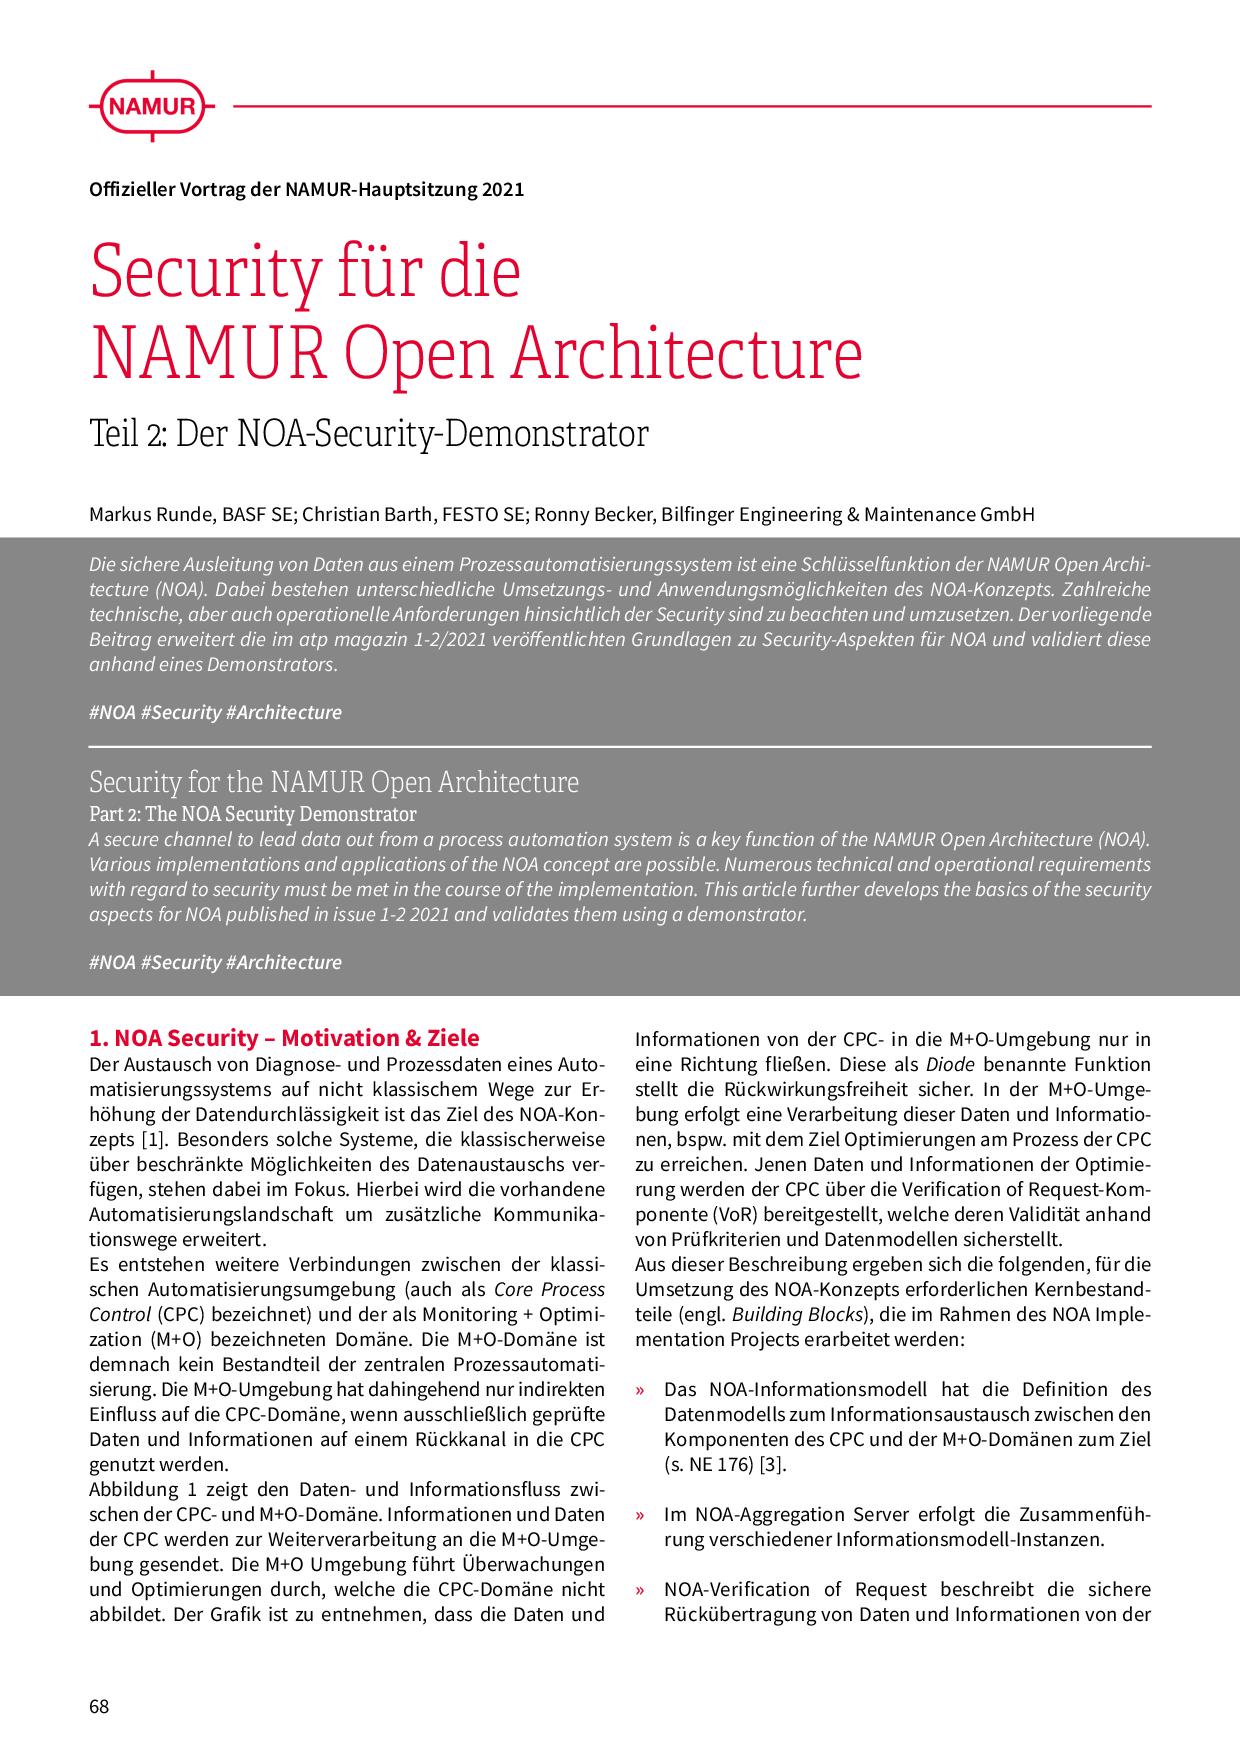 Security für die NAMUR Open Architecture